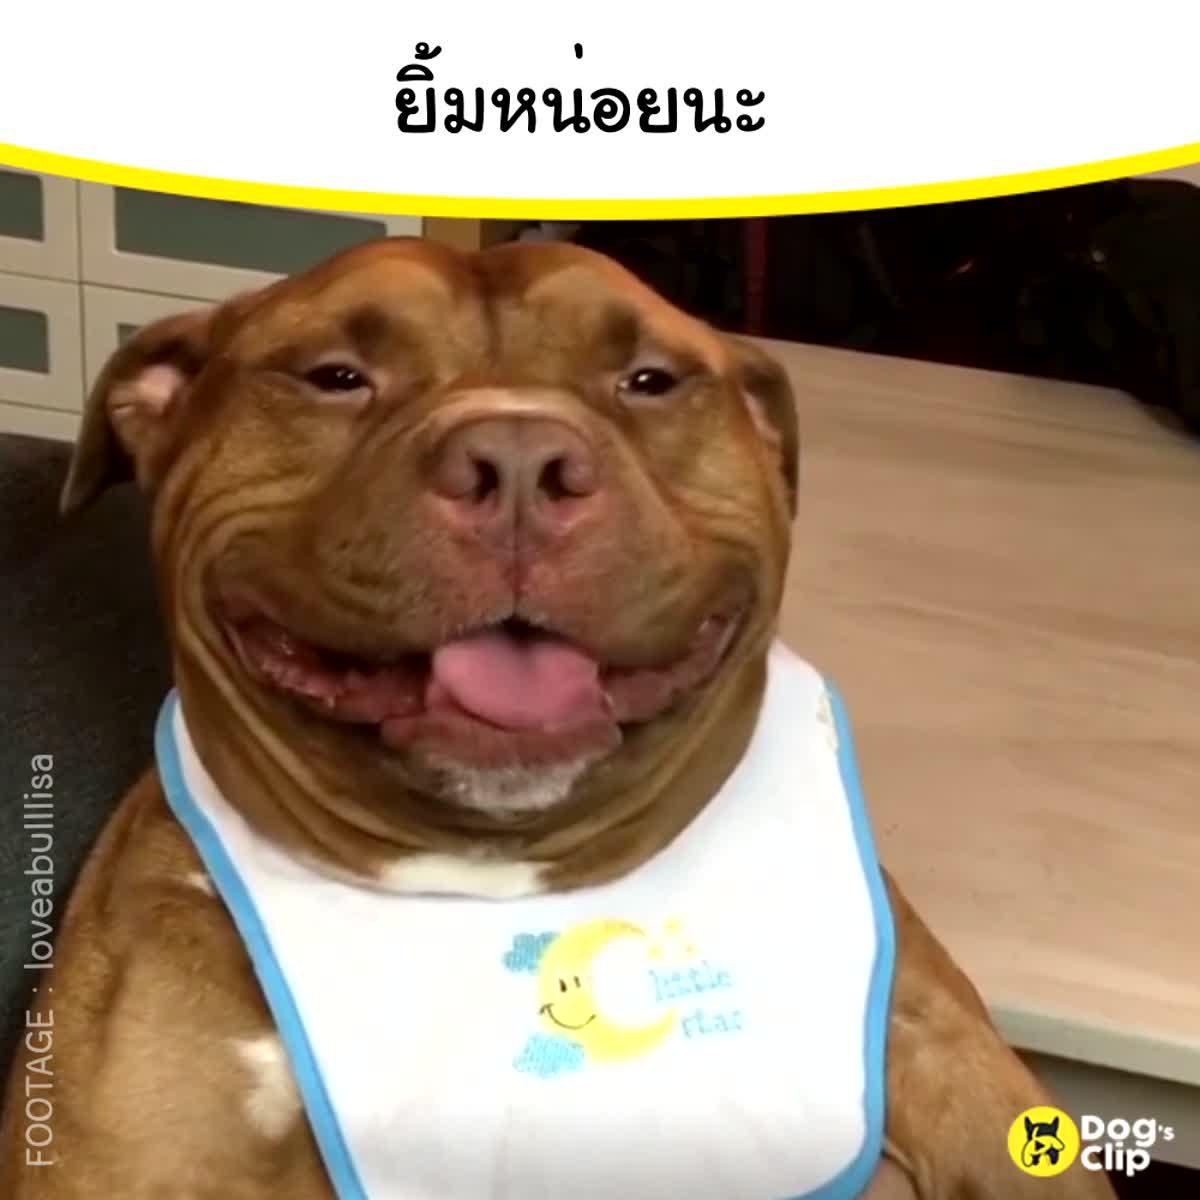 เหล่าบรรดาน้องหมาจะมาทำให้คุณยิ้ม